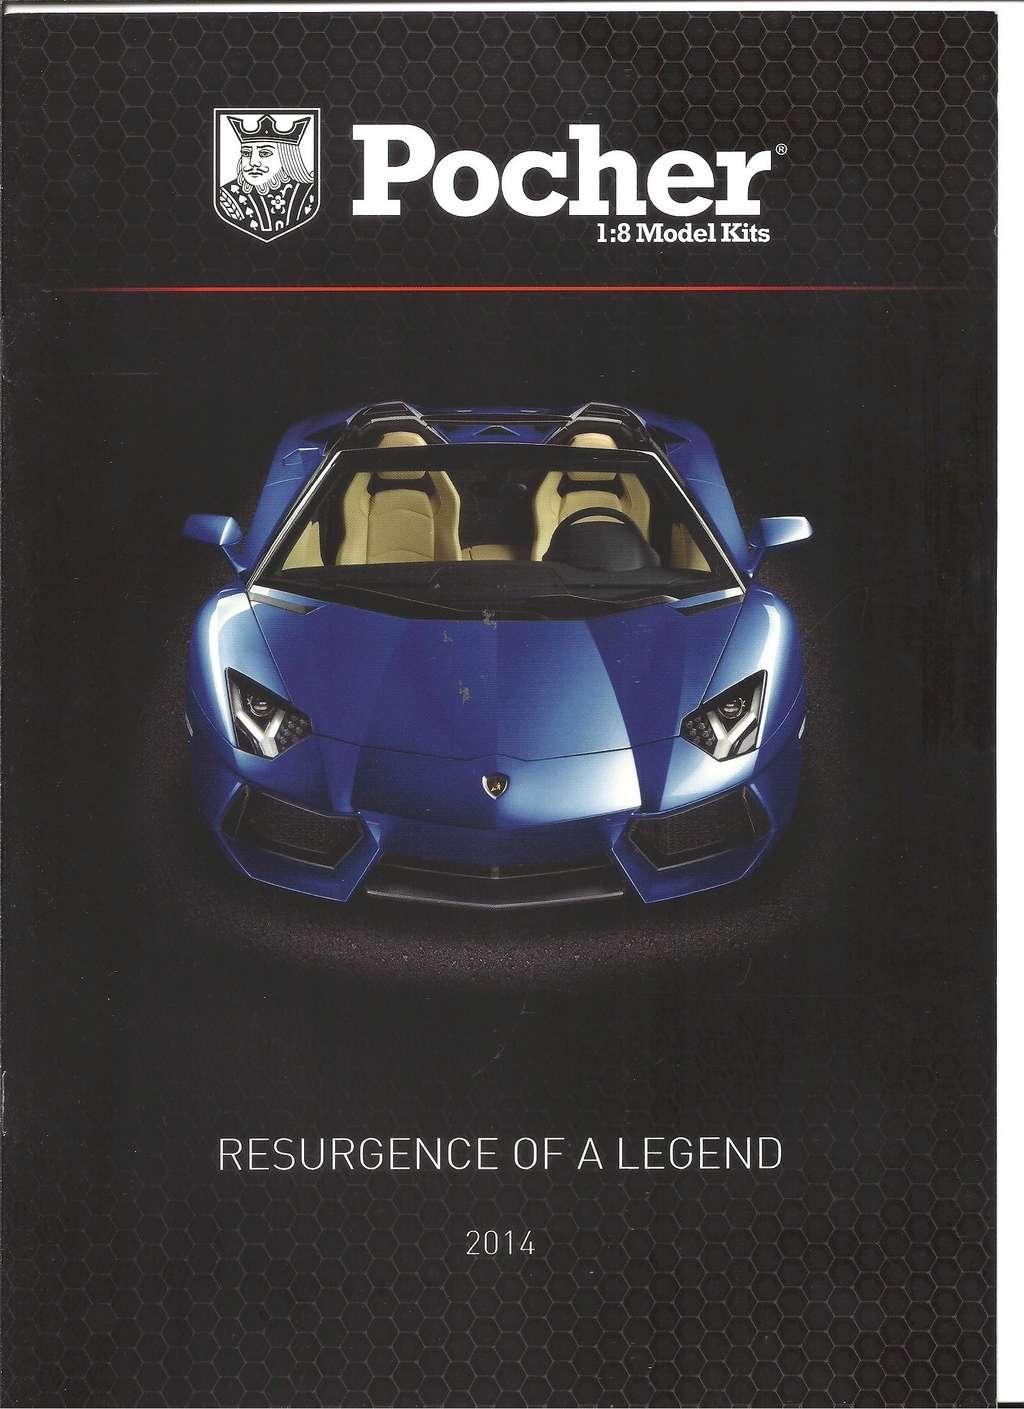 les achats de Jacques - Page 21 Pocher10